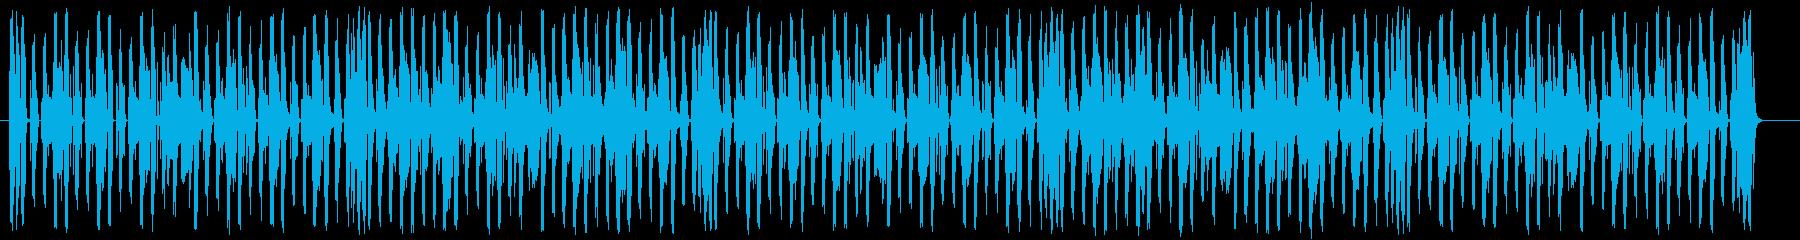 元気な時に流れるノリのいい陽気なBGMの再生済みの波形